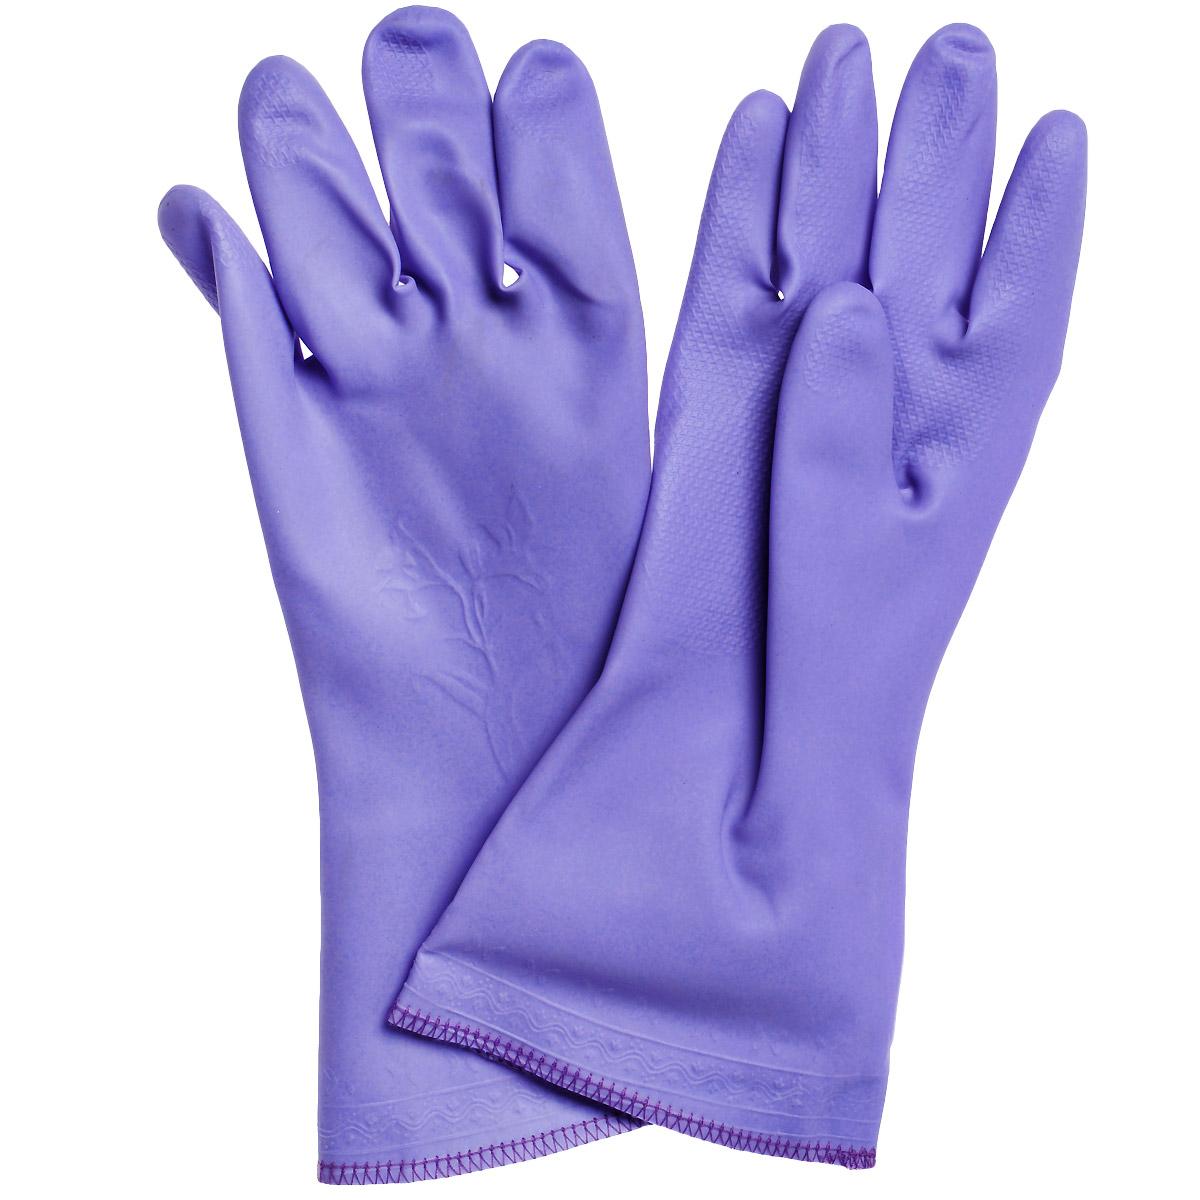 Перчатки хозяйственные Airline, из ПВХAWG-HW-11Хозяйственные перчатки Airline позволяют обеспечить защиту рук при выполнении большинства бытовых или производственных работ. Преимущества: Защита рук от нефтепродуктов и масел; Защита рук от слабых растворов кислот и щелочей; Тканевая подкладка для дополнительного комфорта.